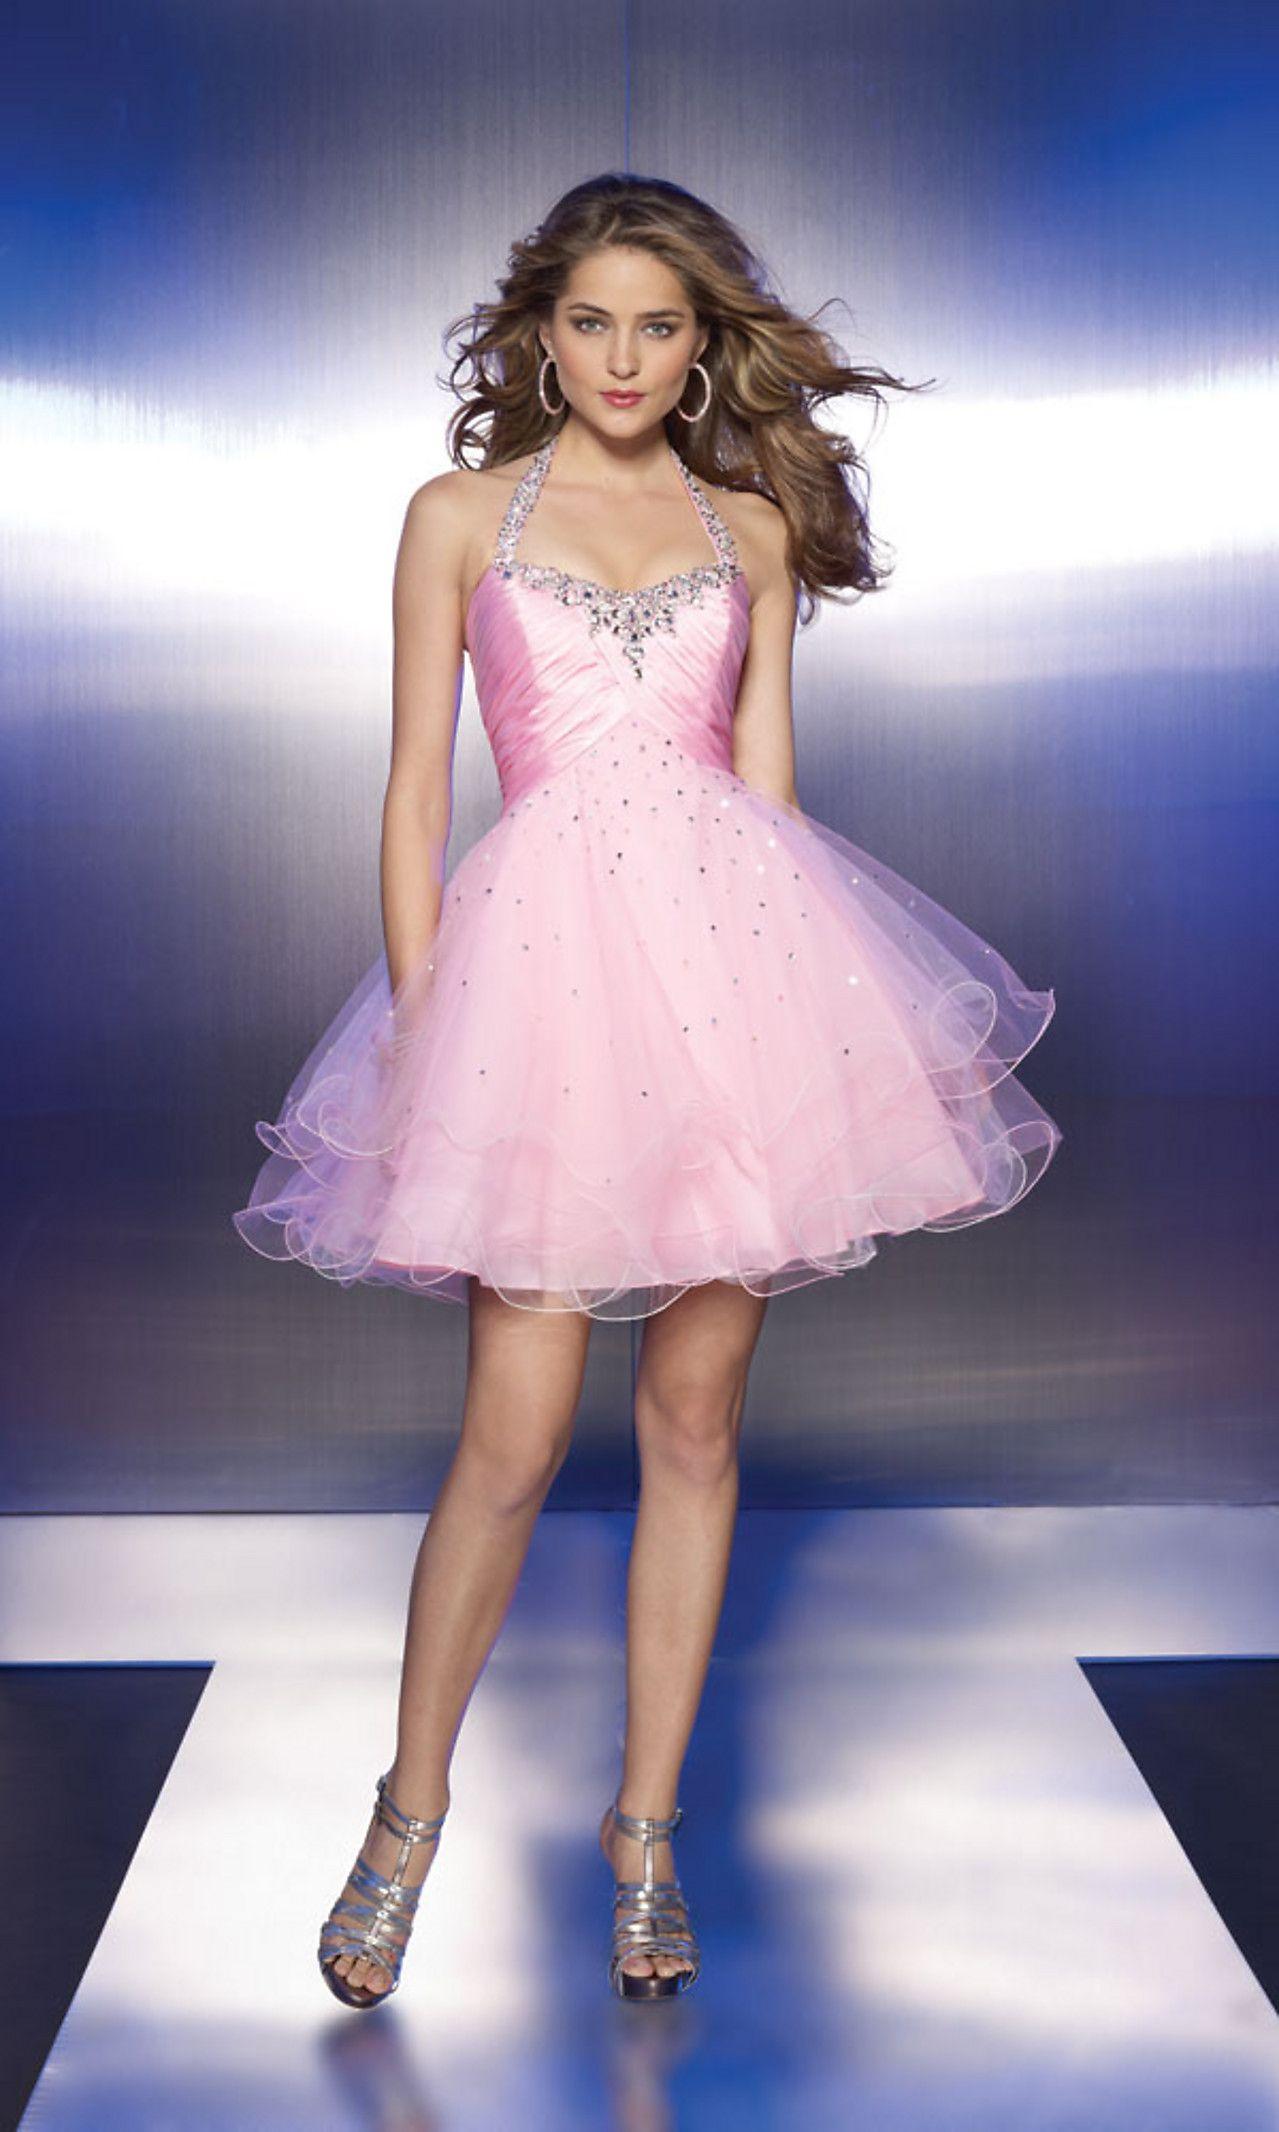 Halter Top Short | dresses I want :) | Pinterest | Short tulle dress ...